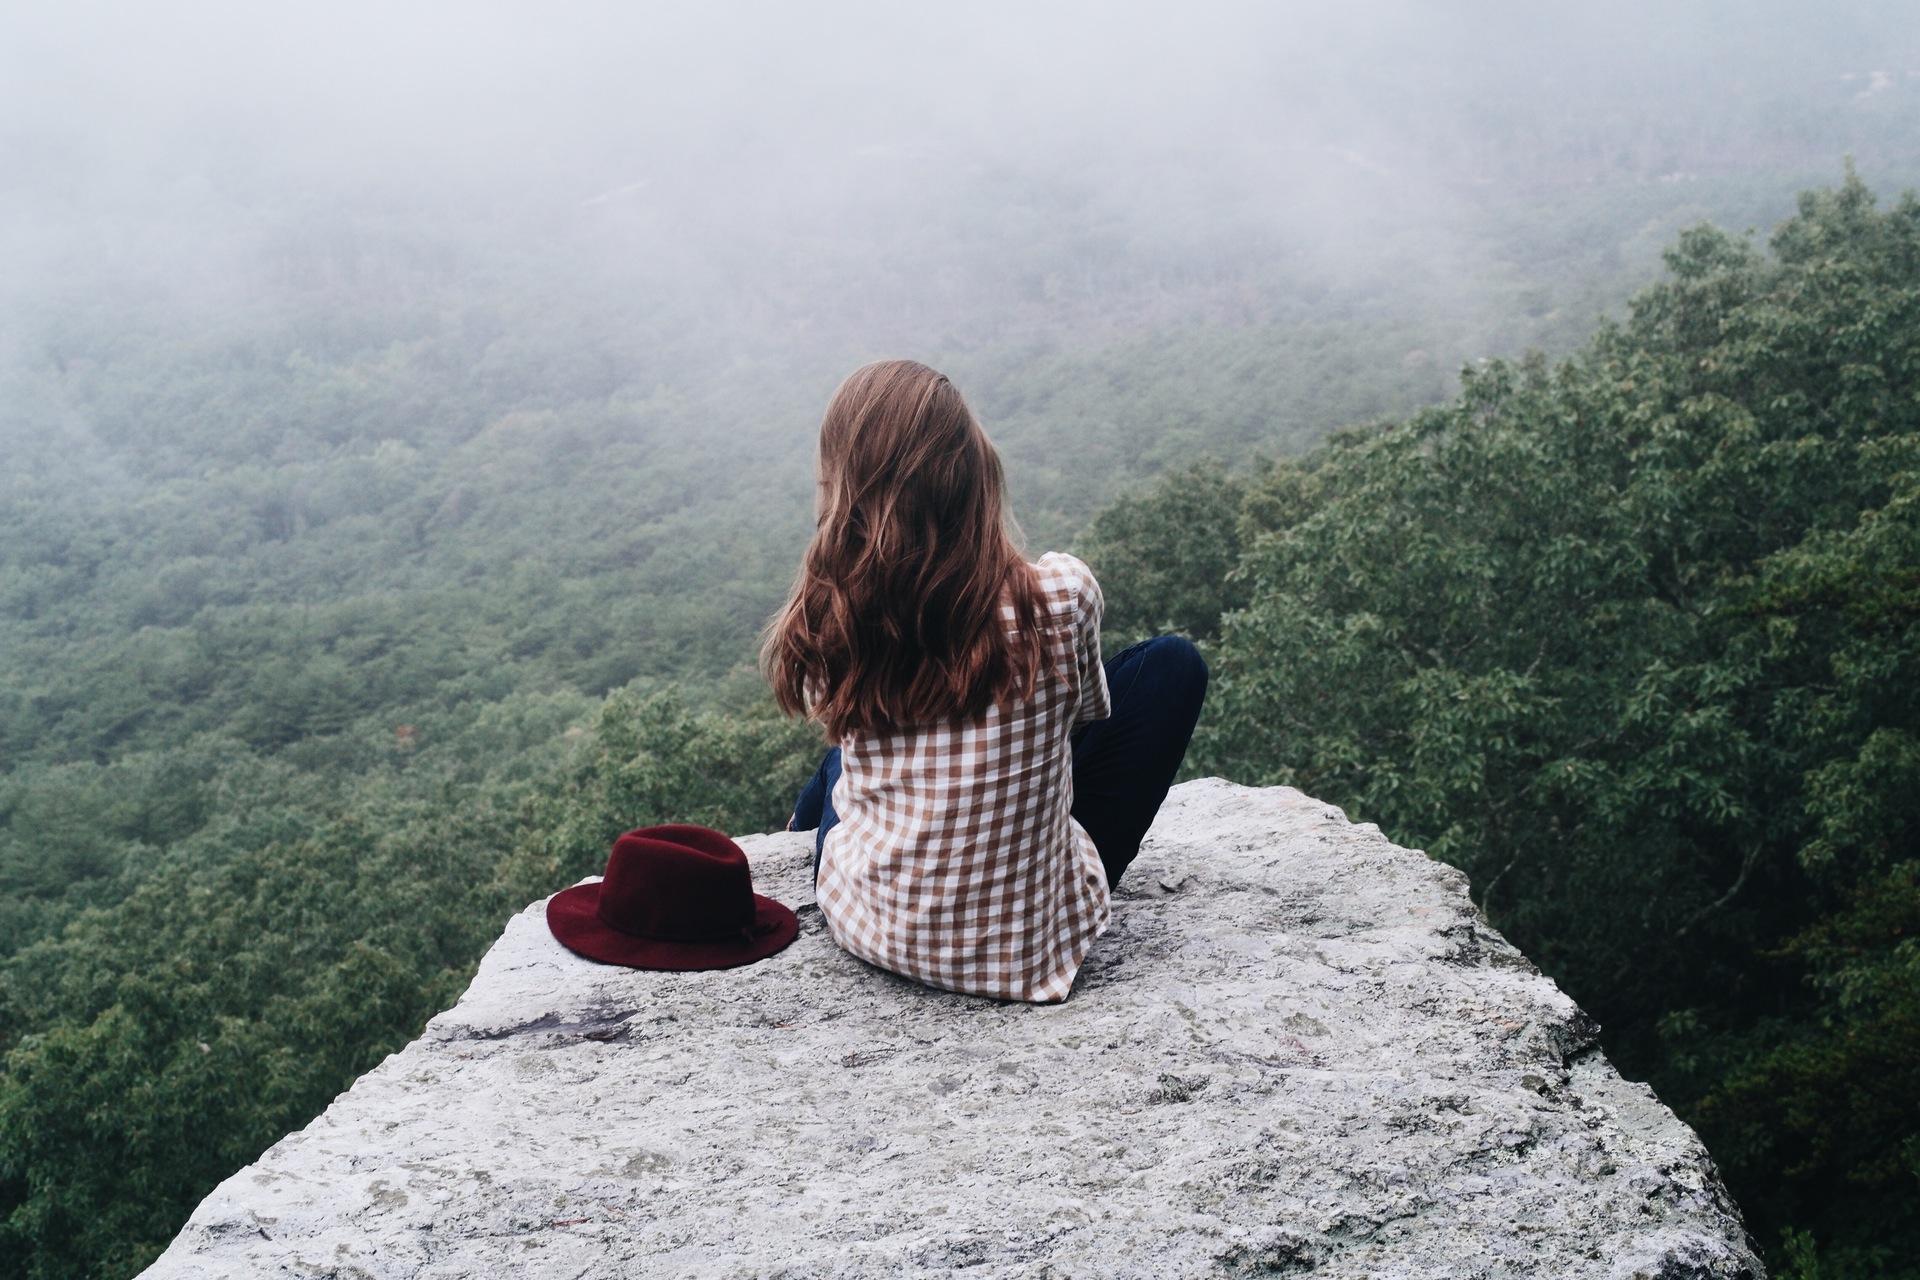 Comment développer ma relation avec Dieu ?